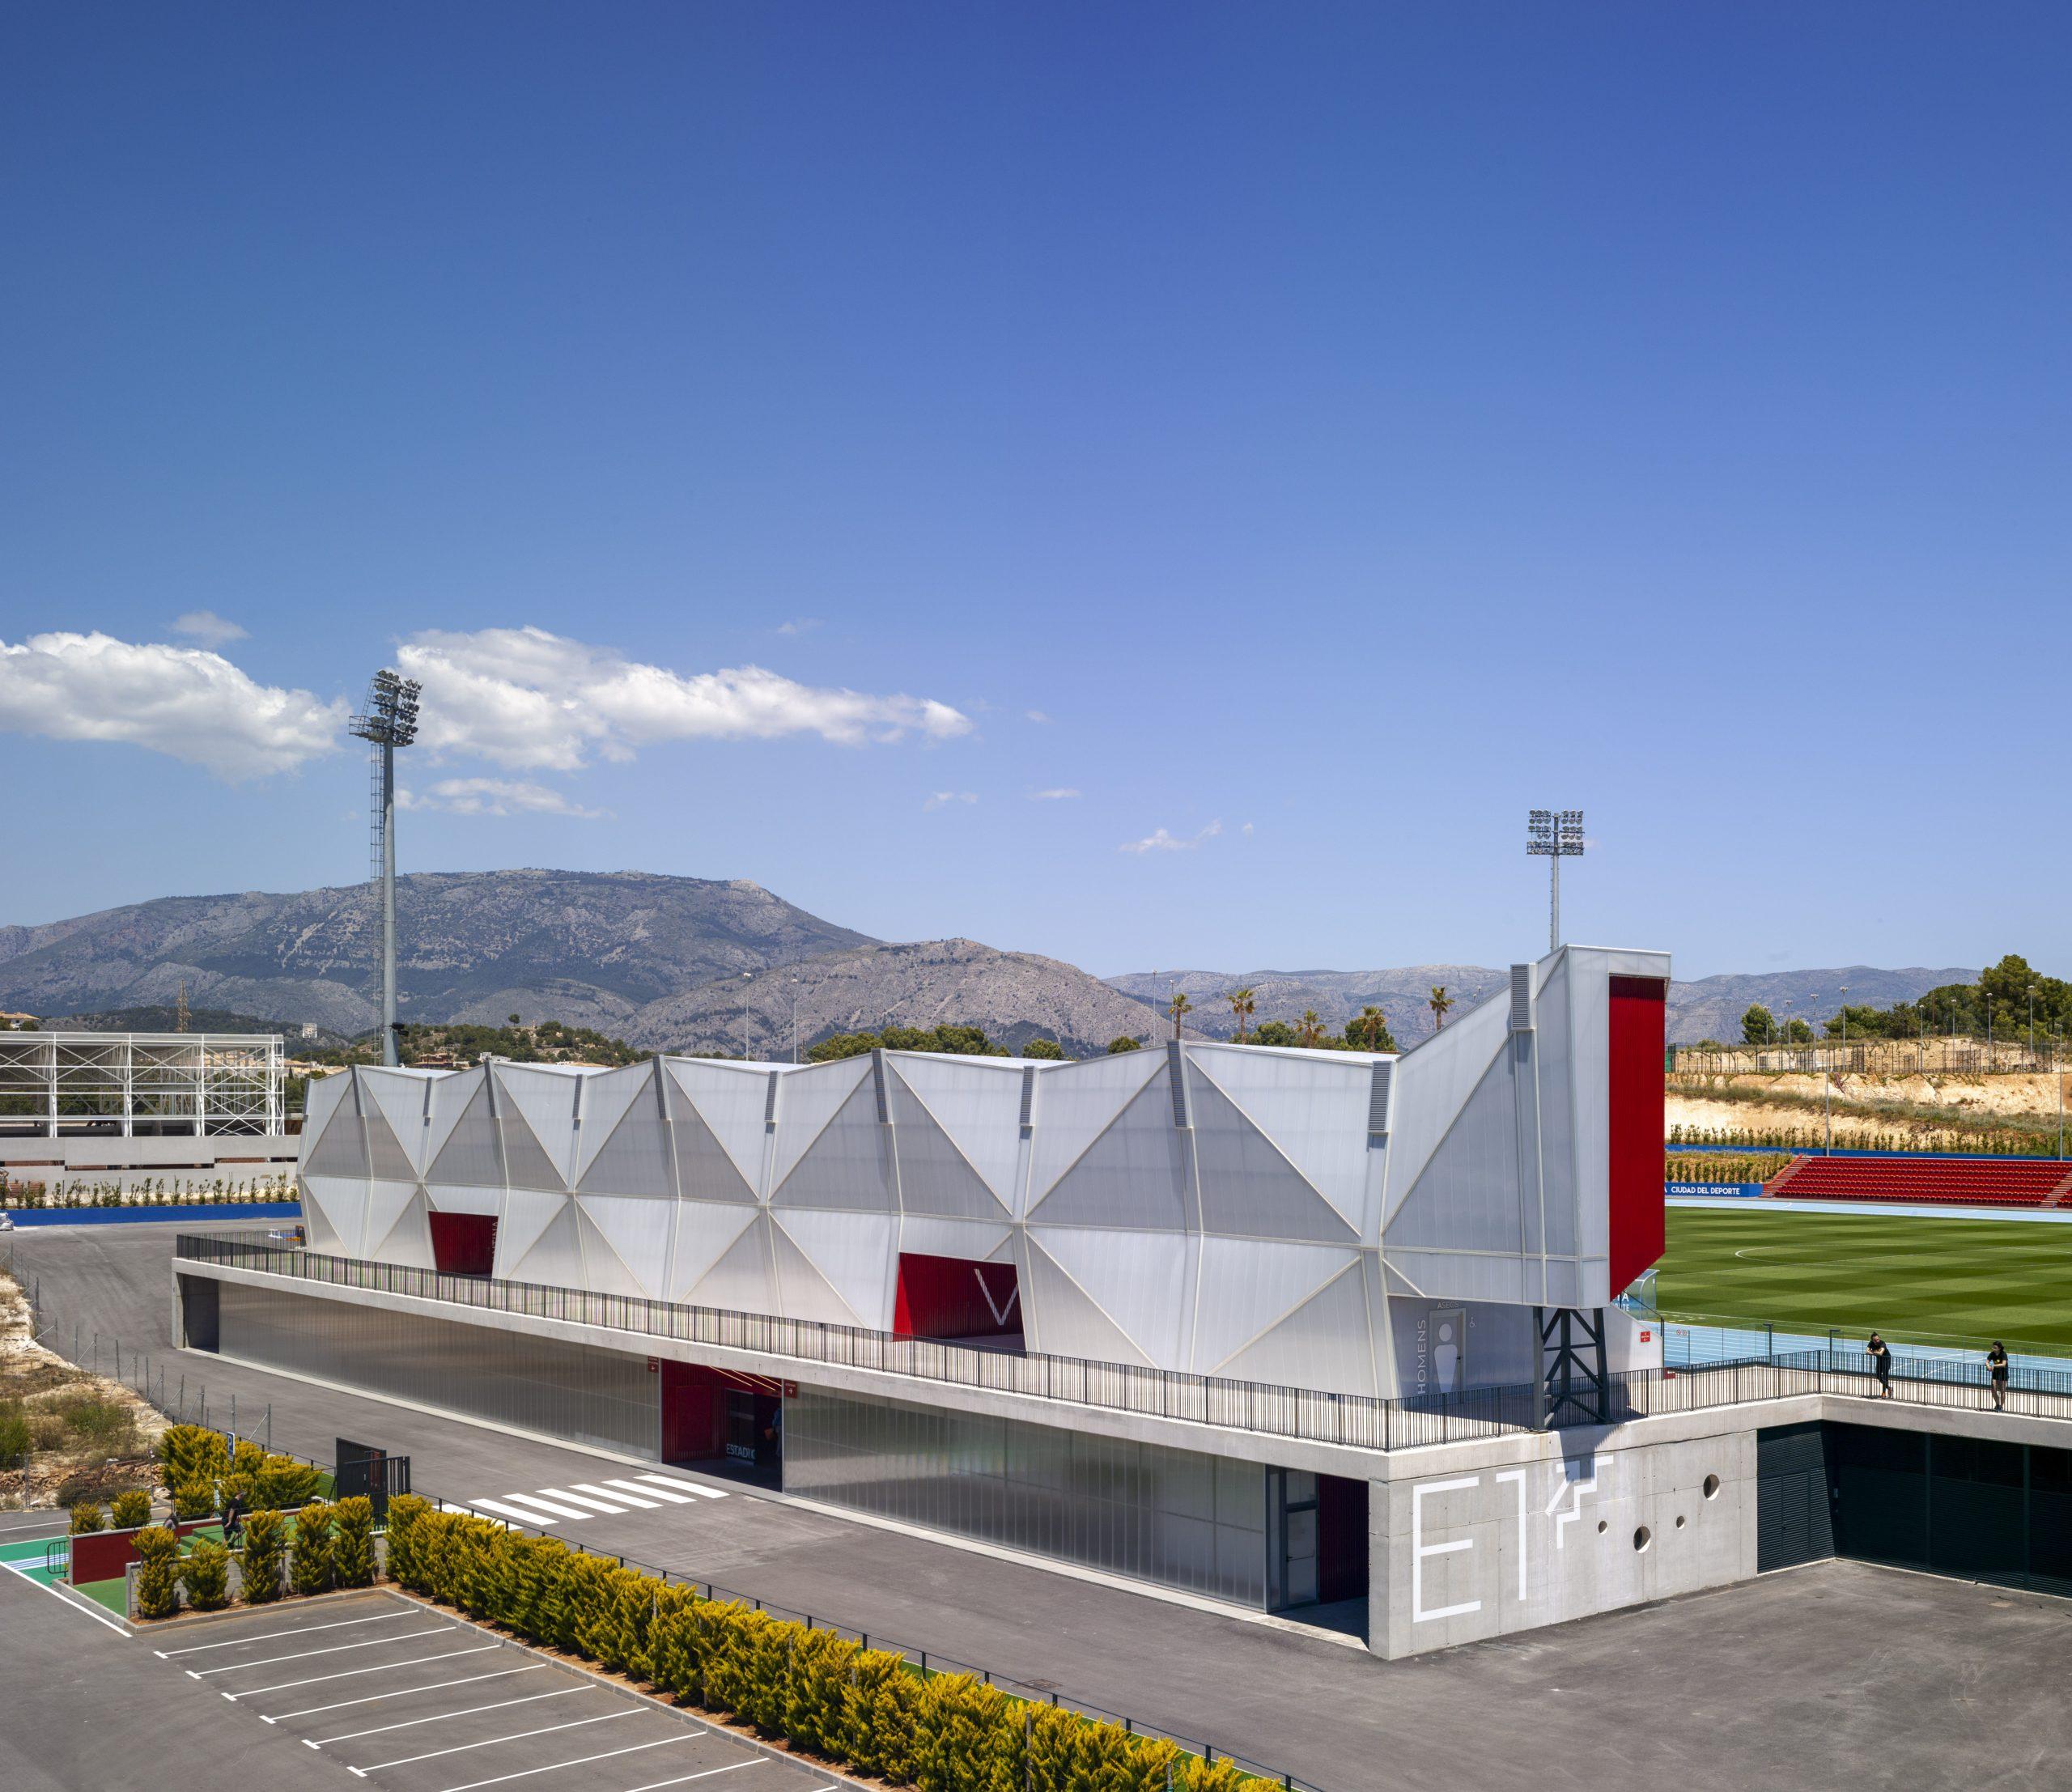 Estadio Olímpico y campo de fútbol. Arquitectura deportiva de Crystalzoo